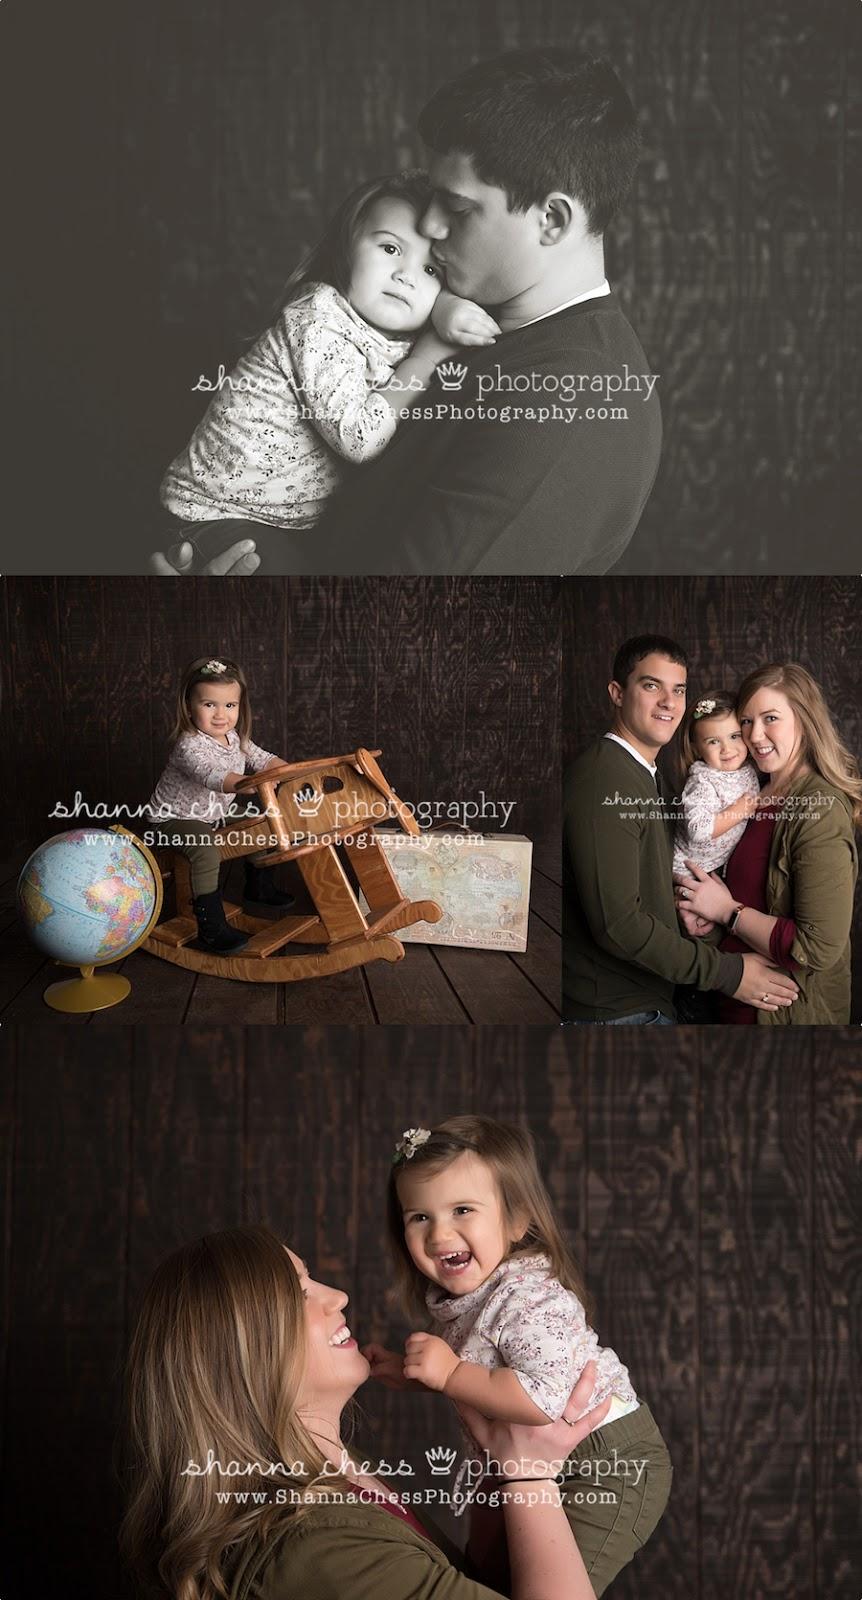 eugene oregon baby and child photographer, eugene oregon family photographer